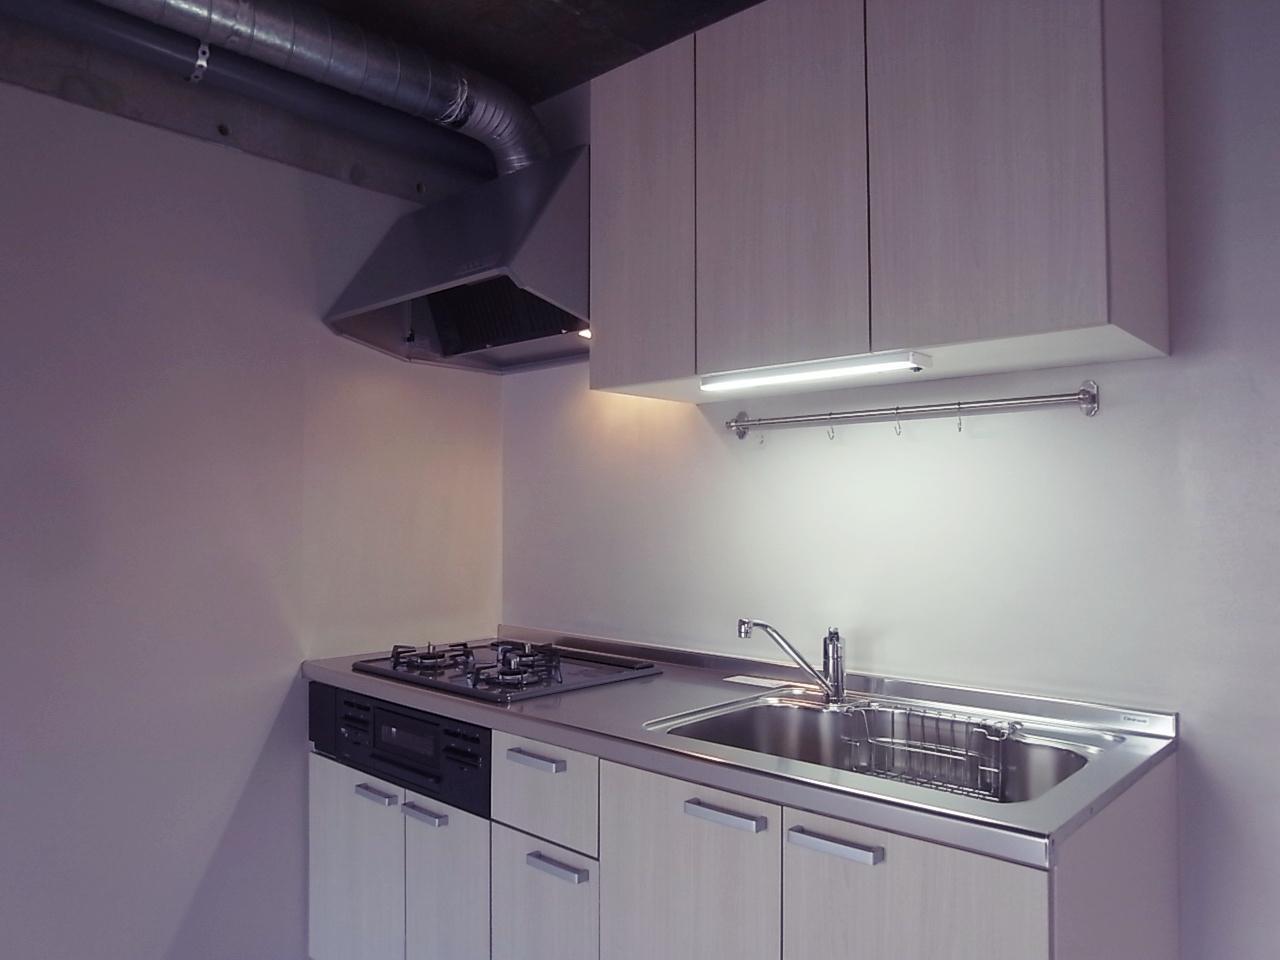 LDKが広く使える壁付けキッチン。ダクトがまたナイス。